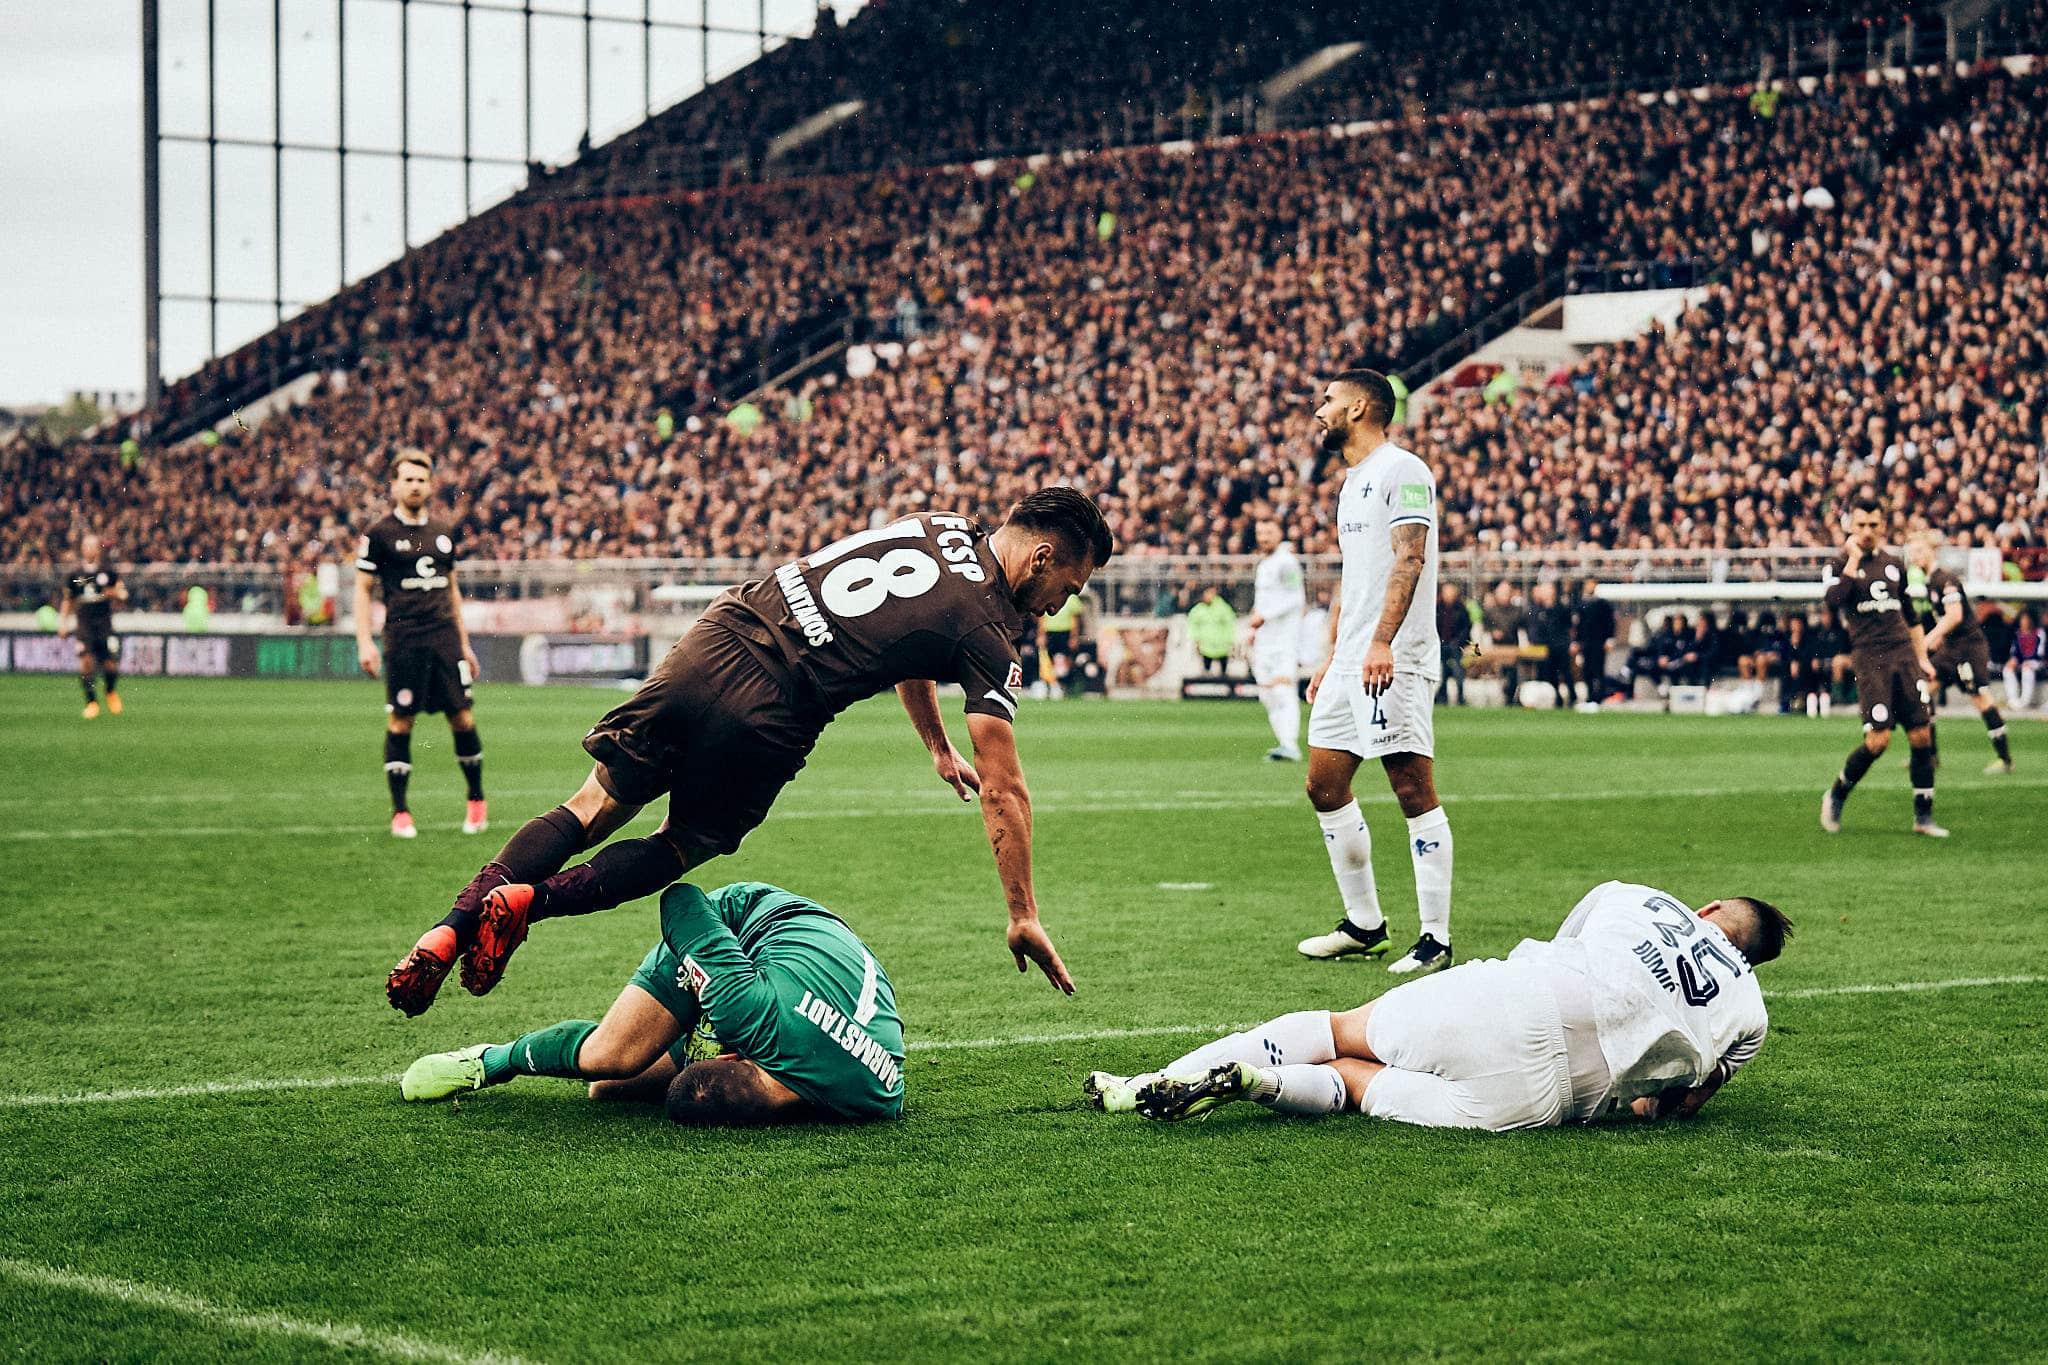 Nach dem Spiel – SV Darmstadt 98 (H) – Spieltag 10 – Saison 2019/20